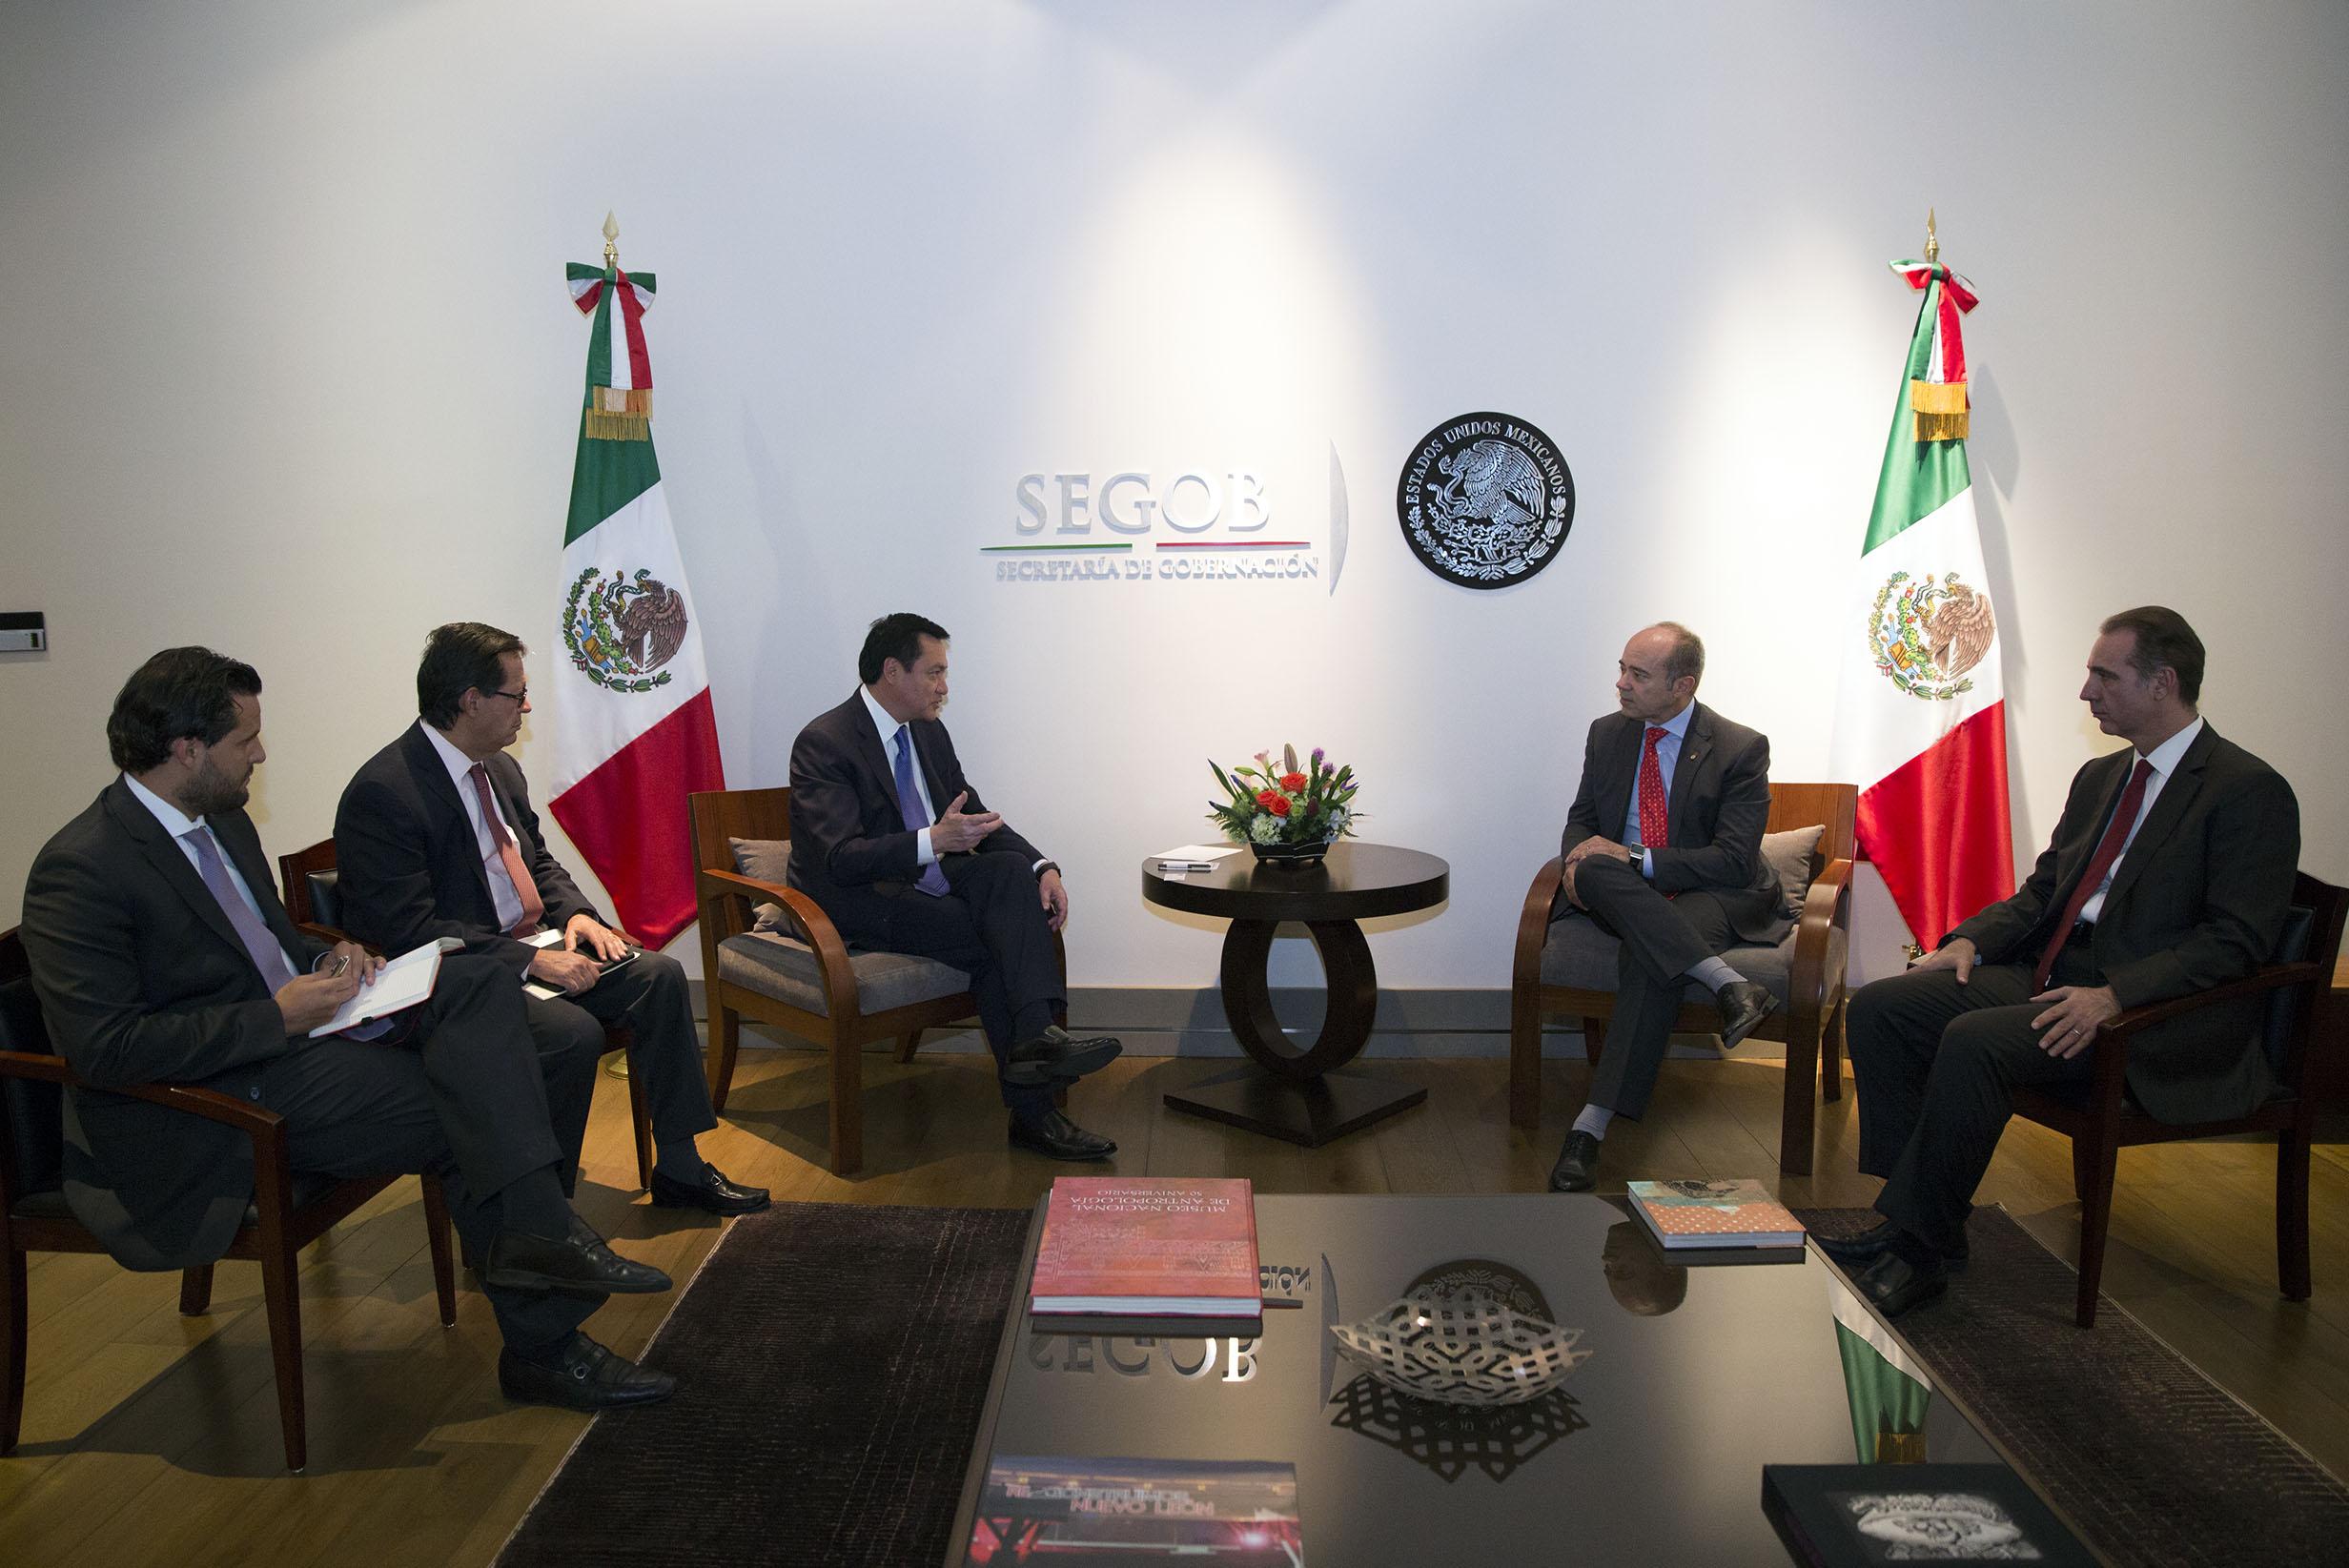 El 55º Periodo Extraordinario de Sesiones de la Corte Interamericana de Derechos Humanos se realizará en México del 17 de agosto y al 2 de septiembre.